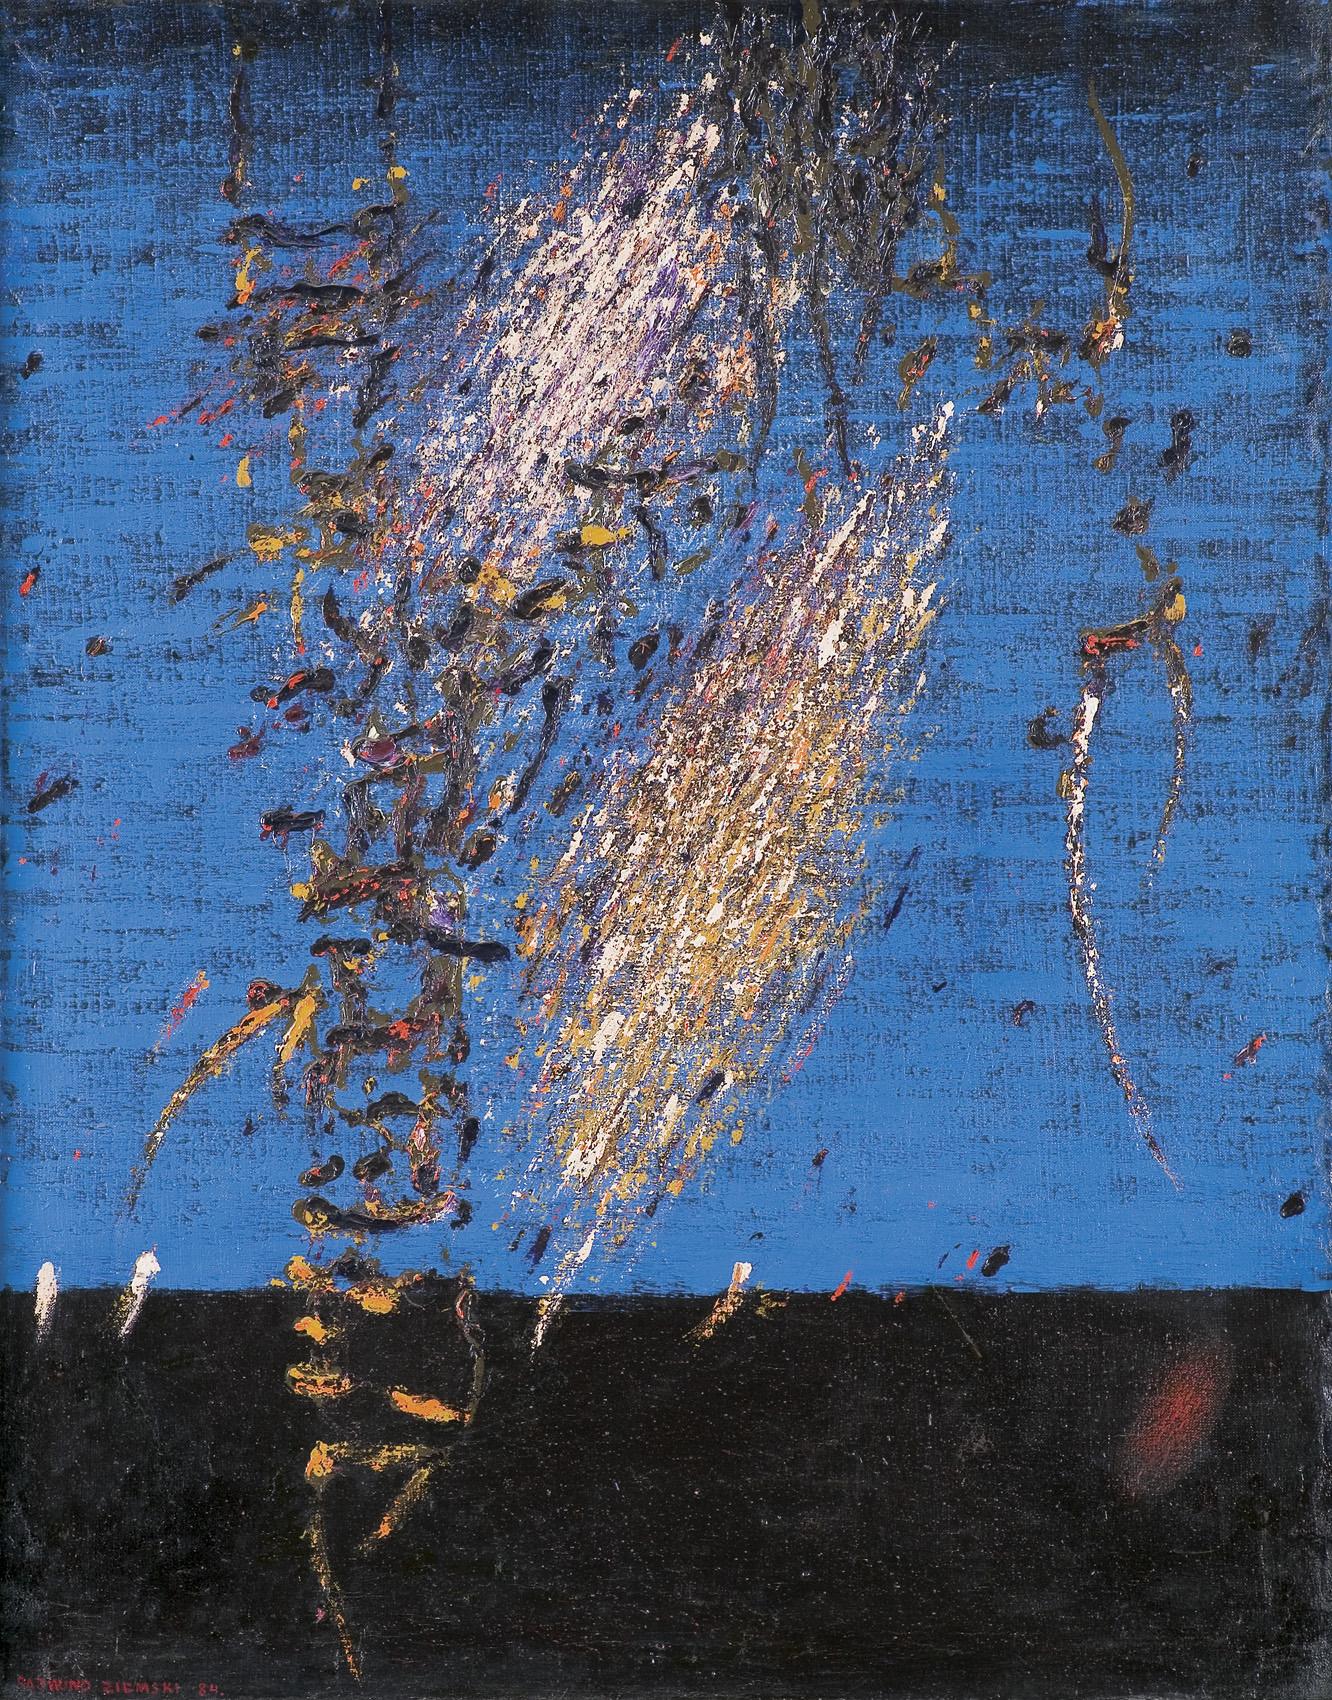 PEJZAŻ 4/84, 1984